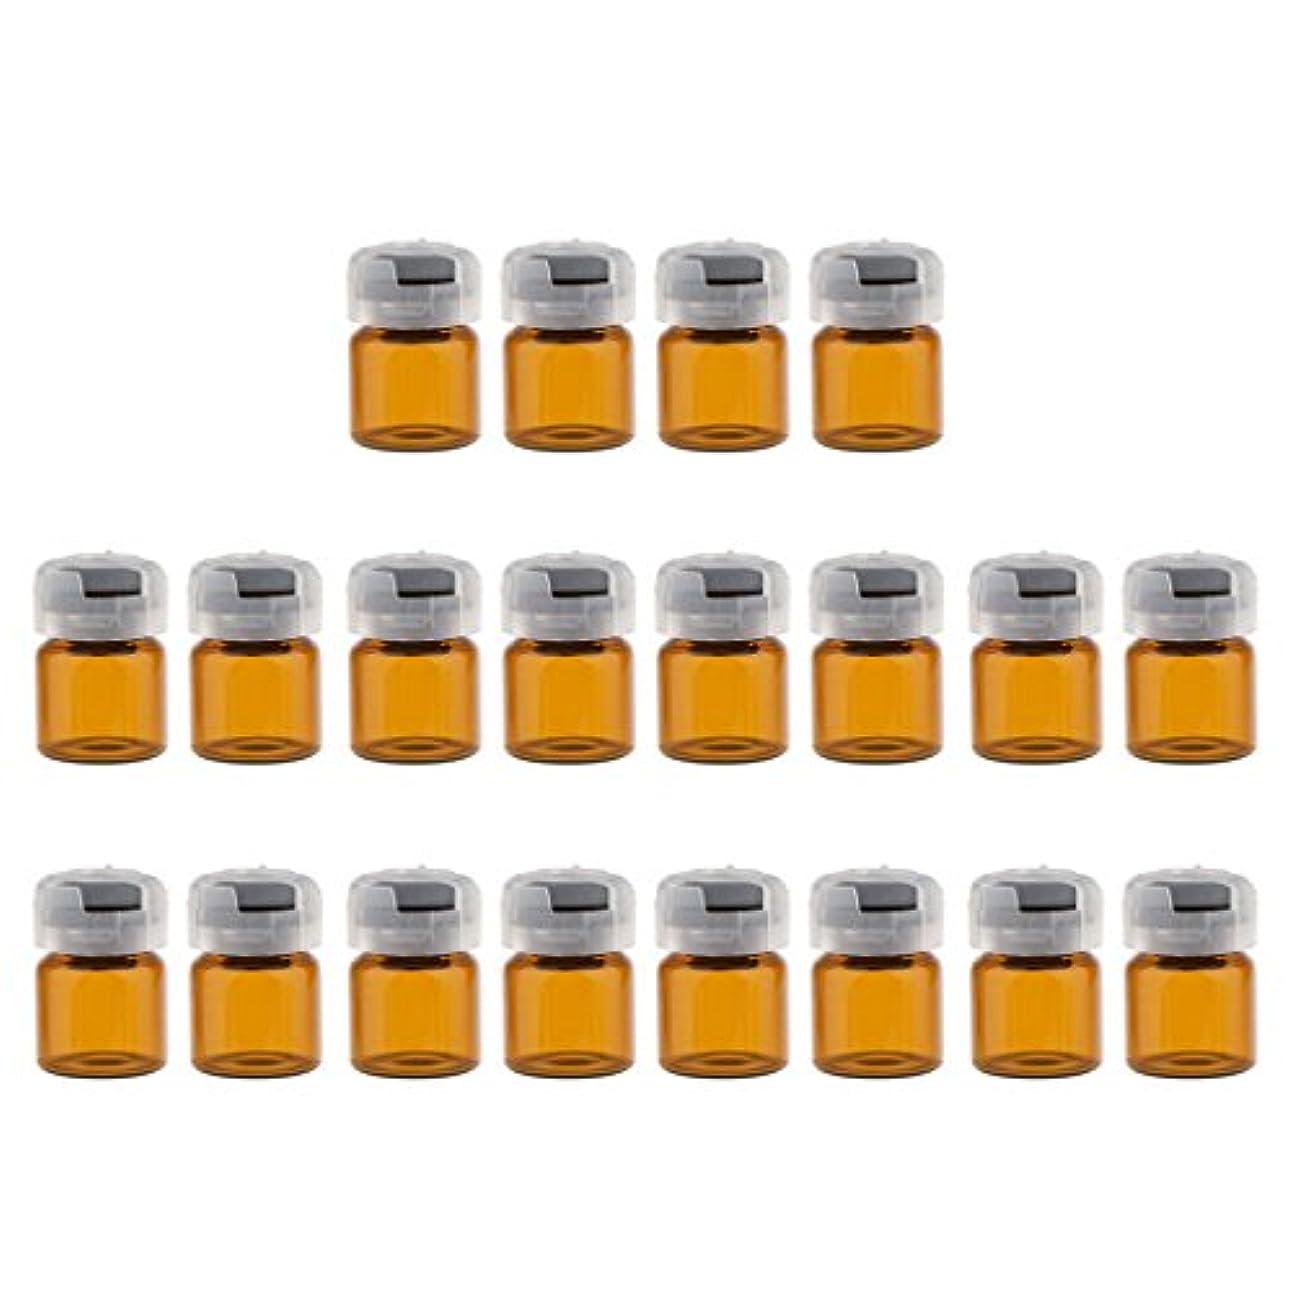 全滅させるキャンペーンいつも約20個 空 バイアル 密封 滅菌バイアル ガラス 液体容器 3サイズ選べる - 3ml